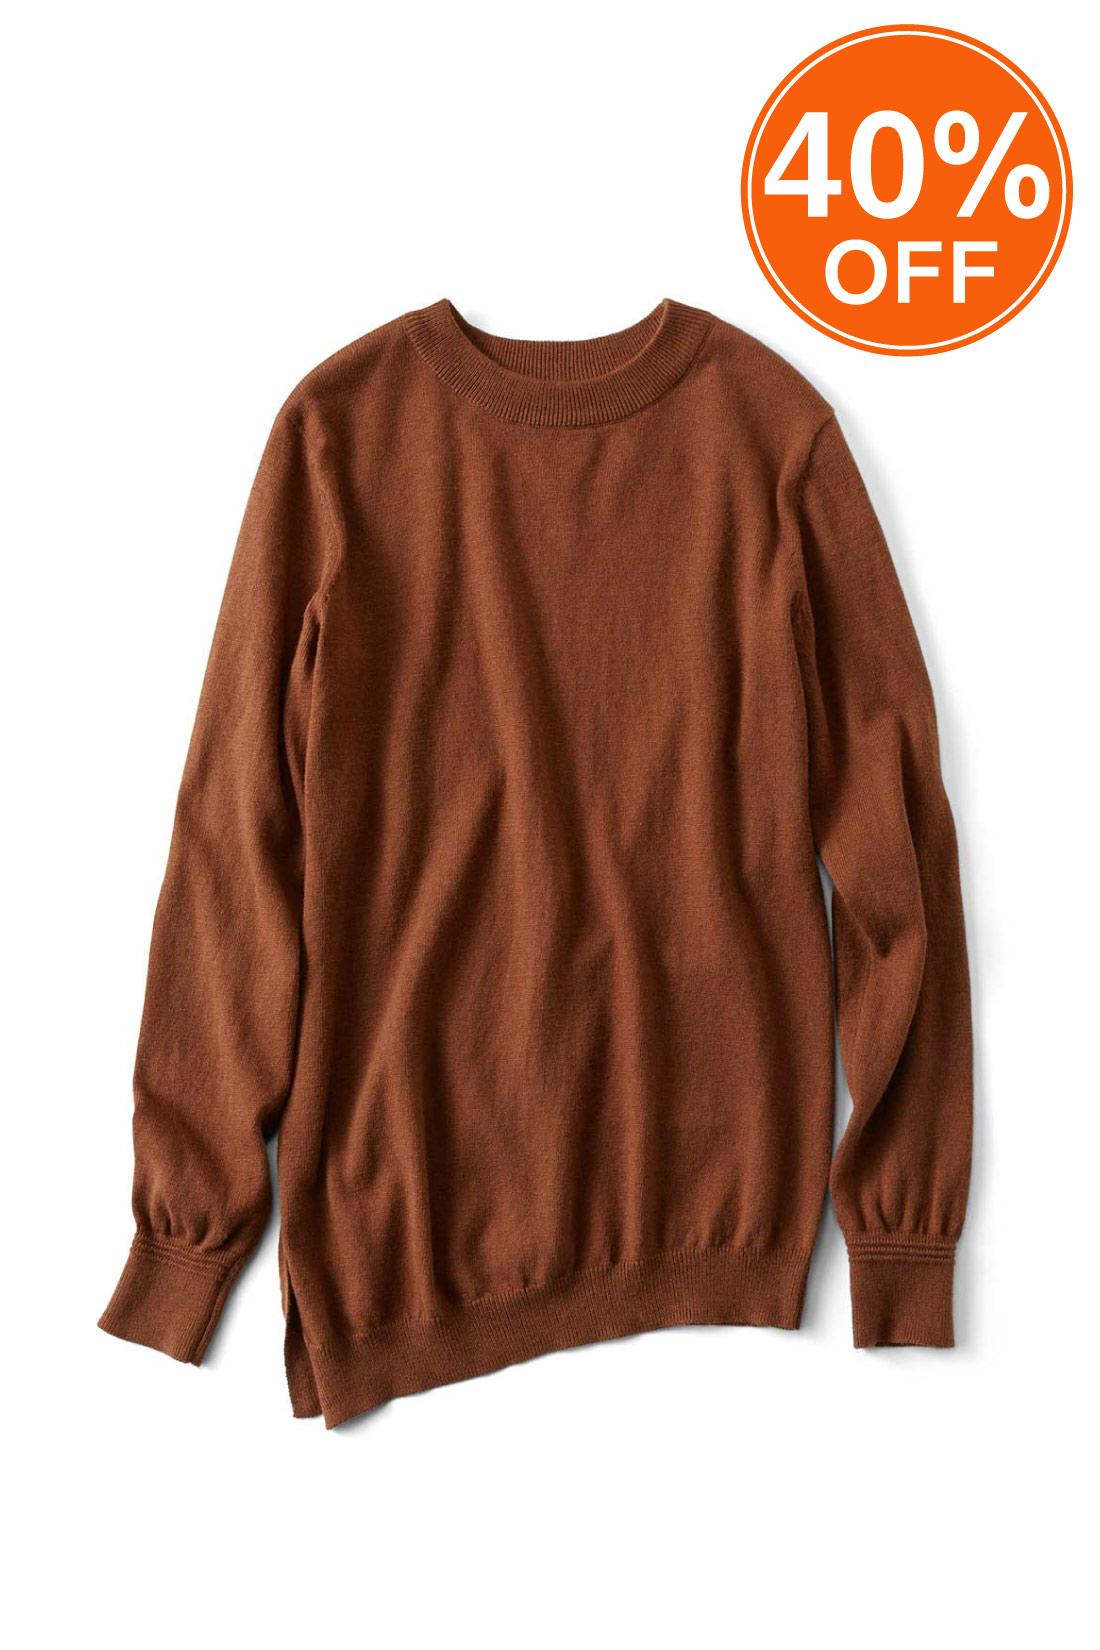 女らしく決まる〈ブラウン〉 袖にはこだわりのタック編みでさりげないアクセント。